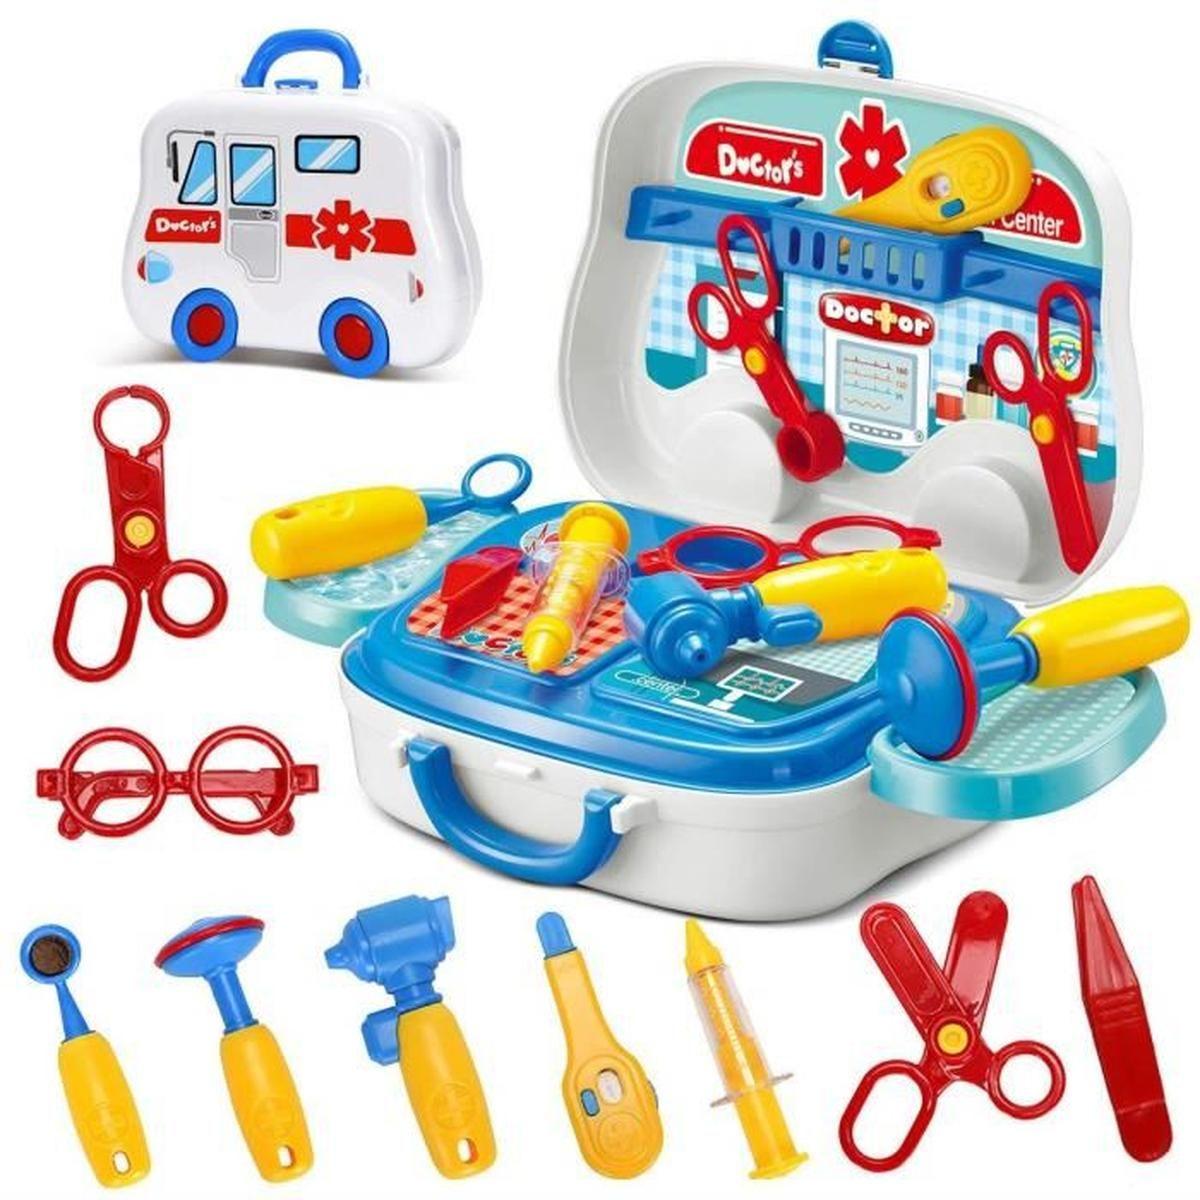 1Pcs Malette De Docteur Avec Accessoires Jeux D'imitation concernant Jouet Pour Enfant De 2 Ans